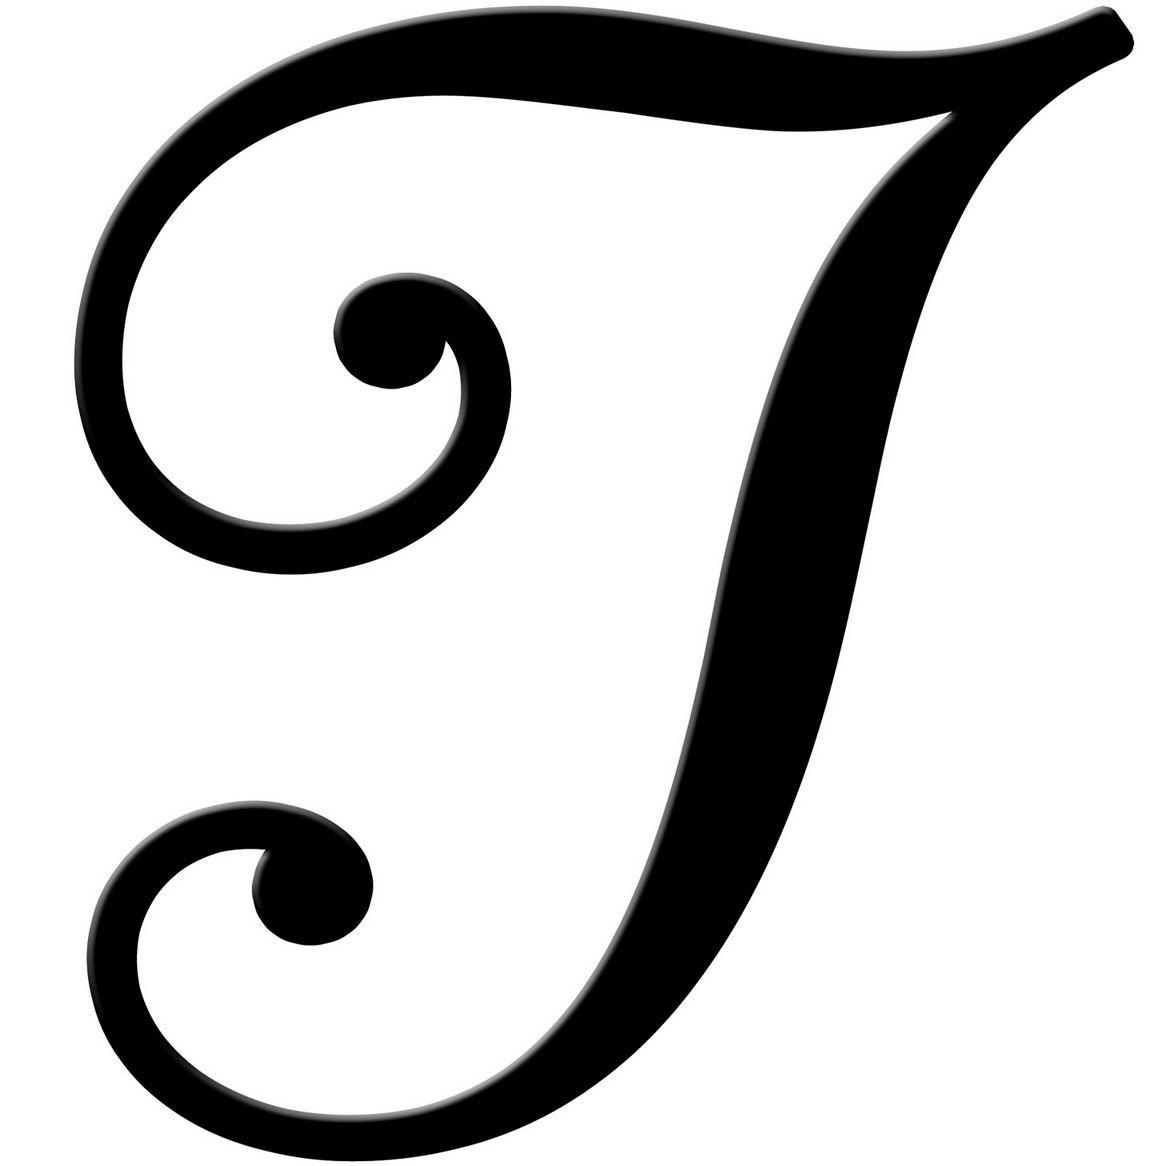 fancy letter t template  Fancy Letter T   levelings - fancy letter t template